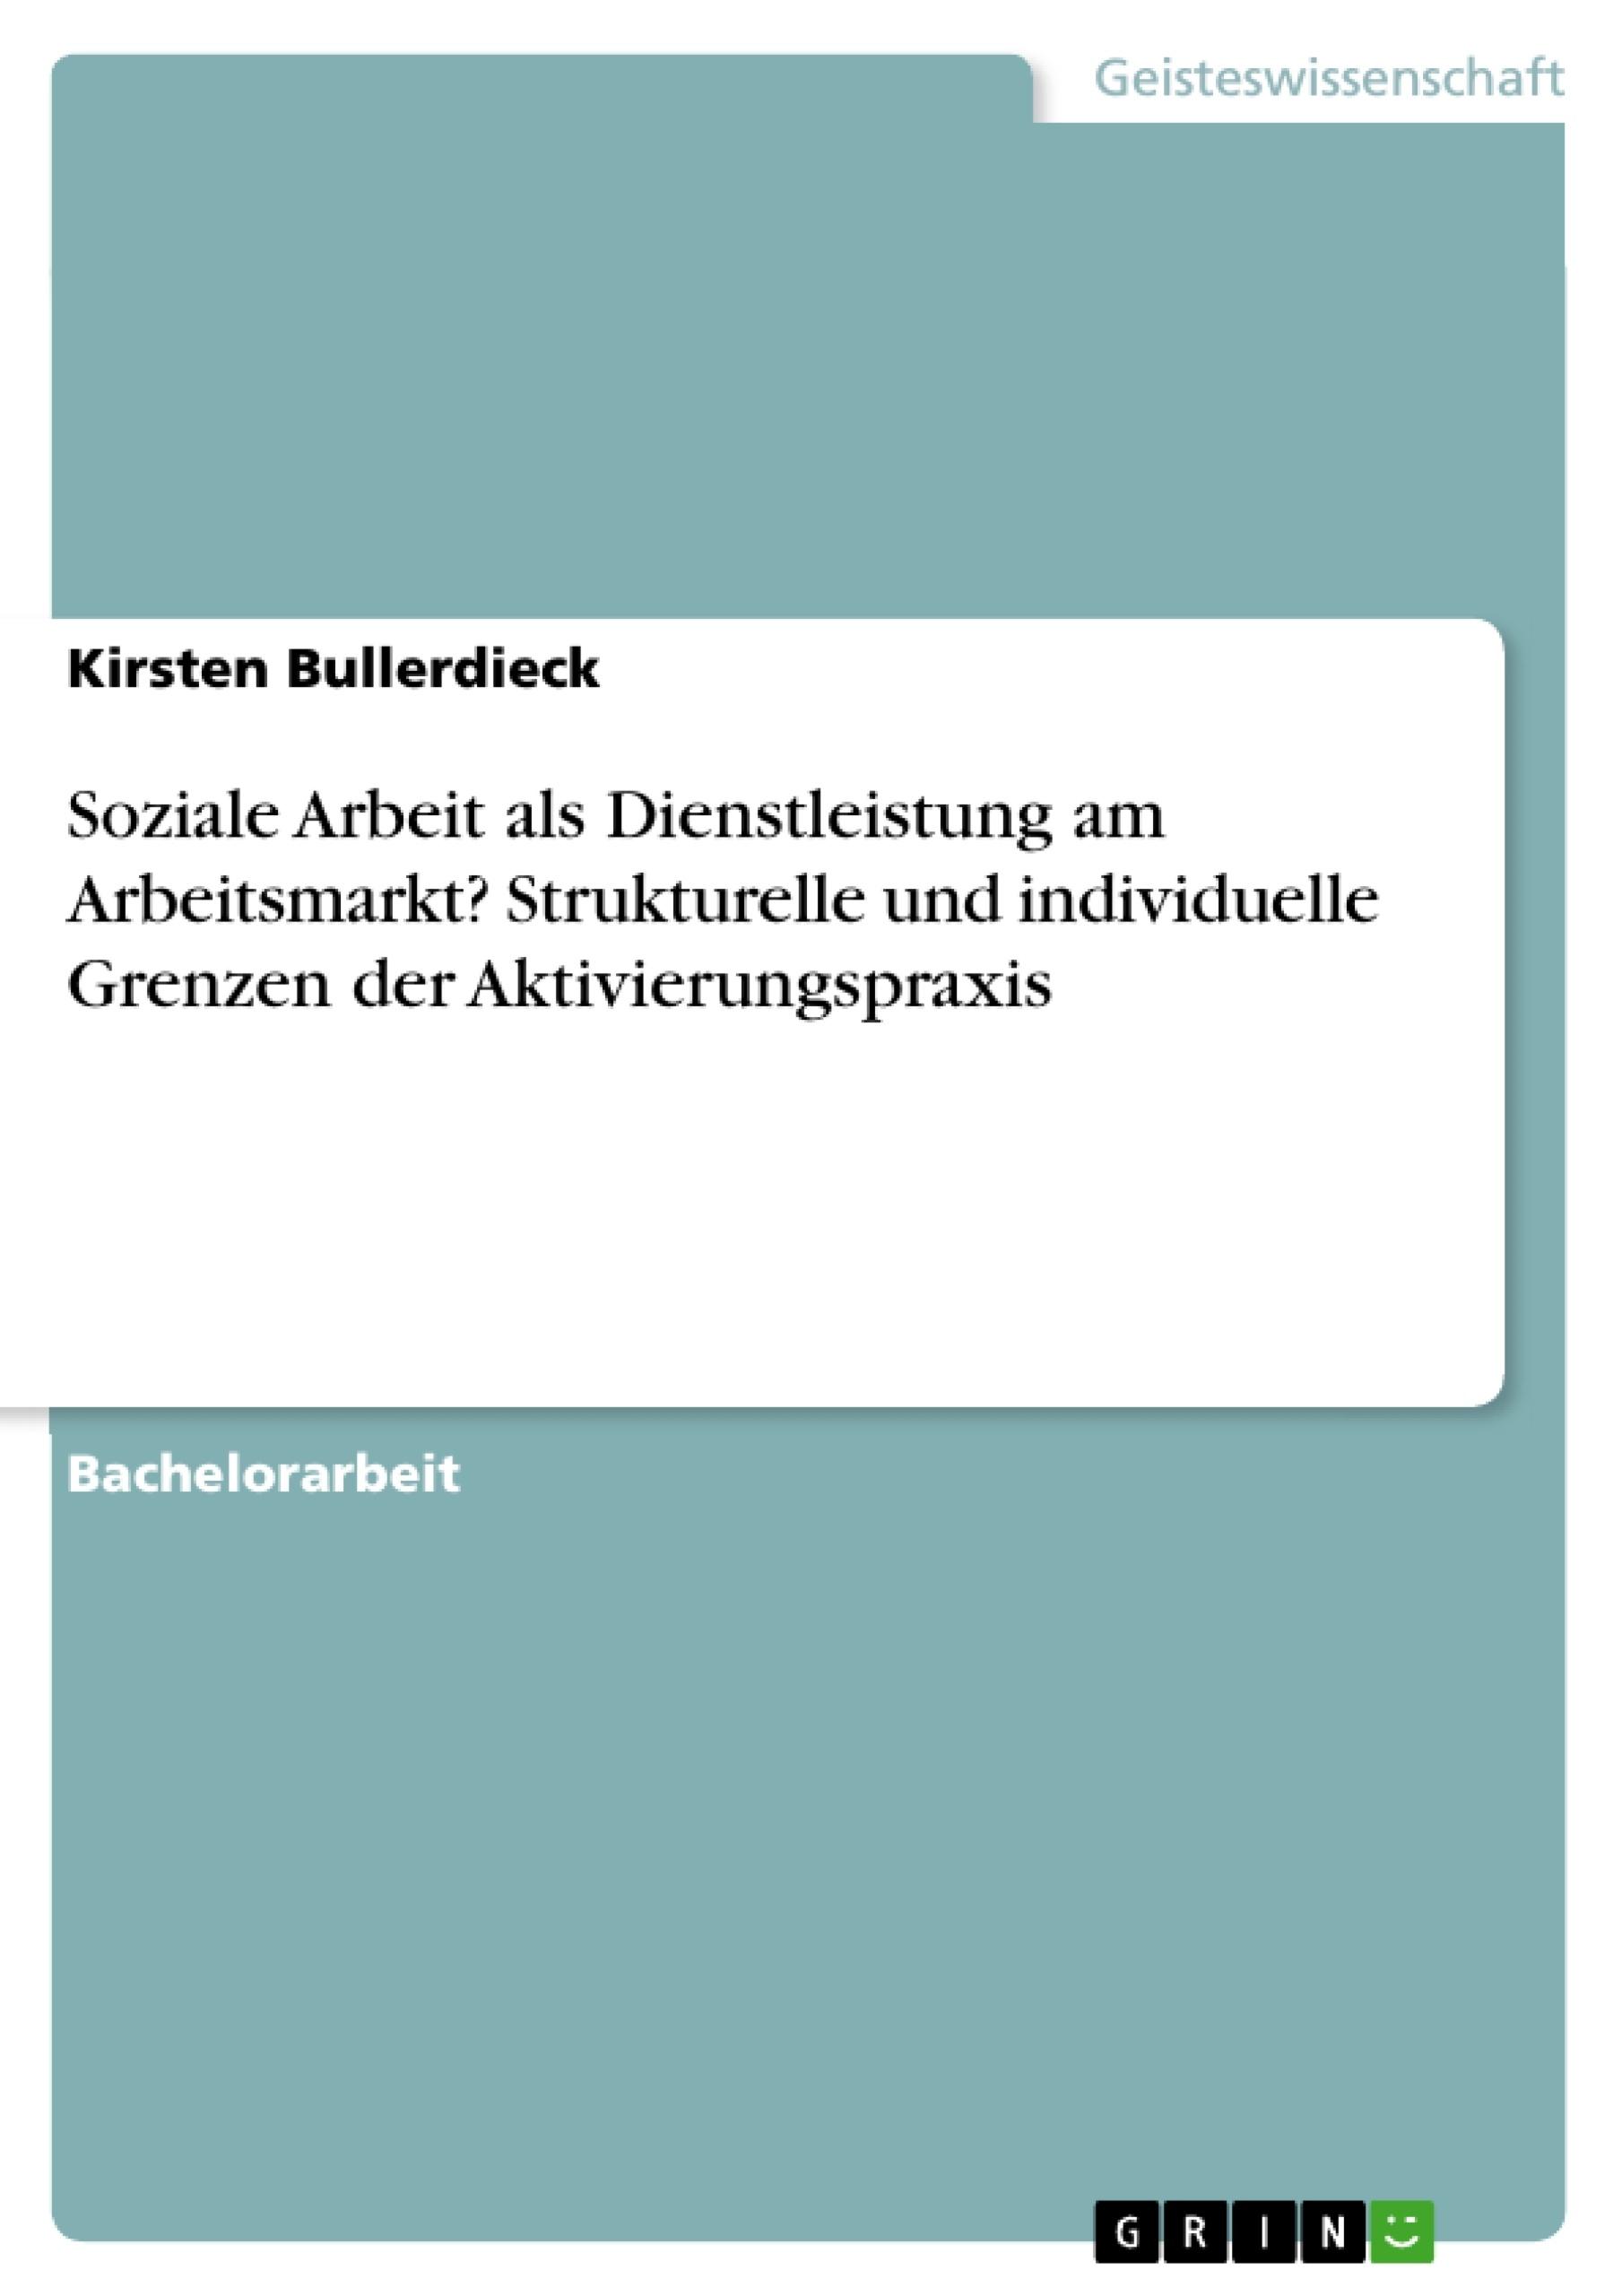 Titel: Soziale Arbeit als Dienstleistung am Arbeitsmarkt? Strukturelle und individuelle Grenzen der Aktivierungspraxis